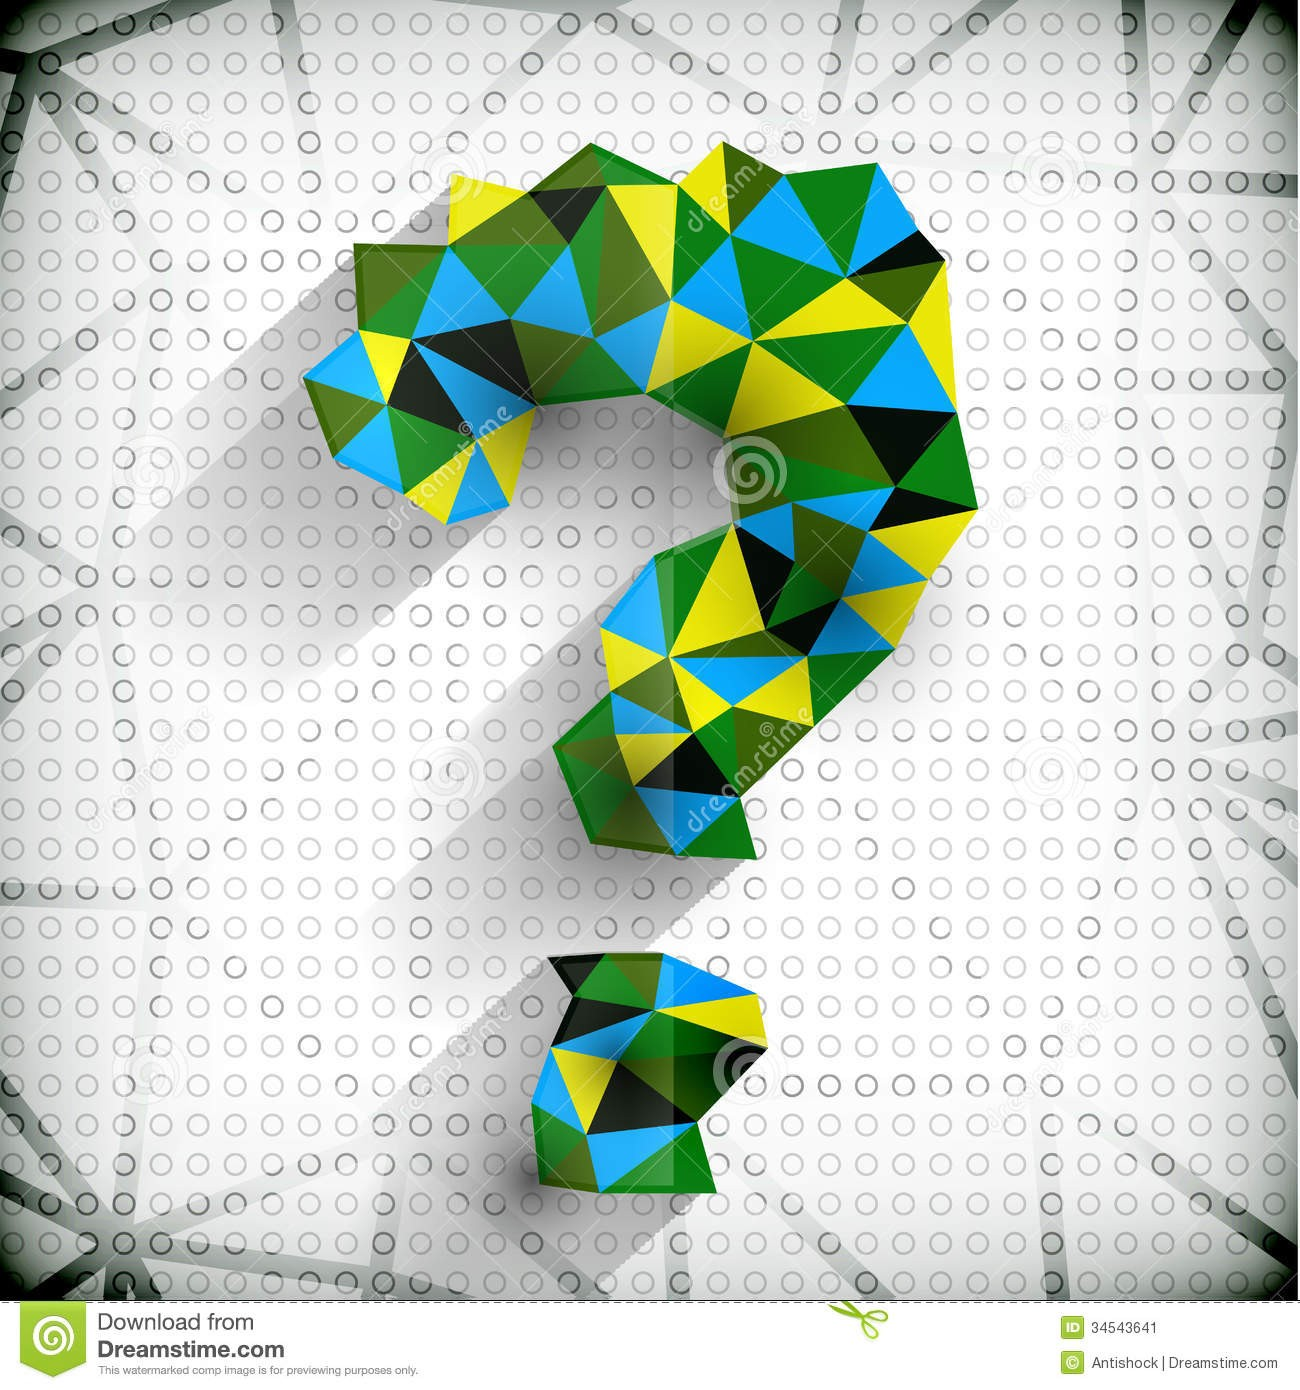 Questions de 'Personne' !